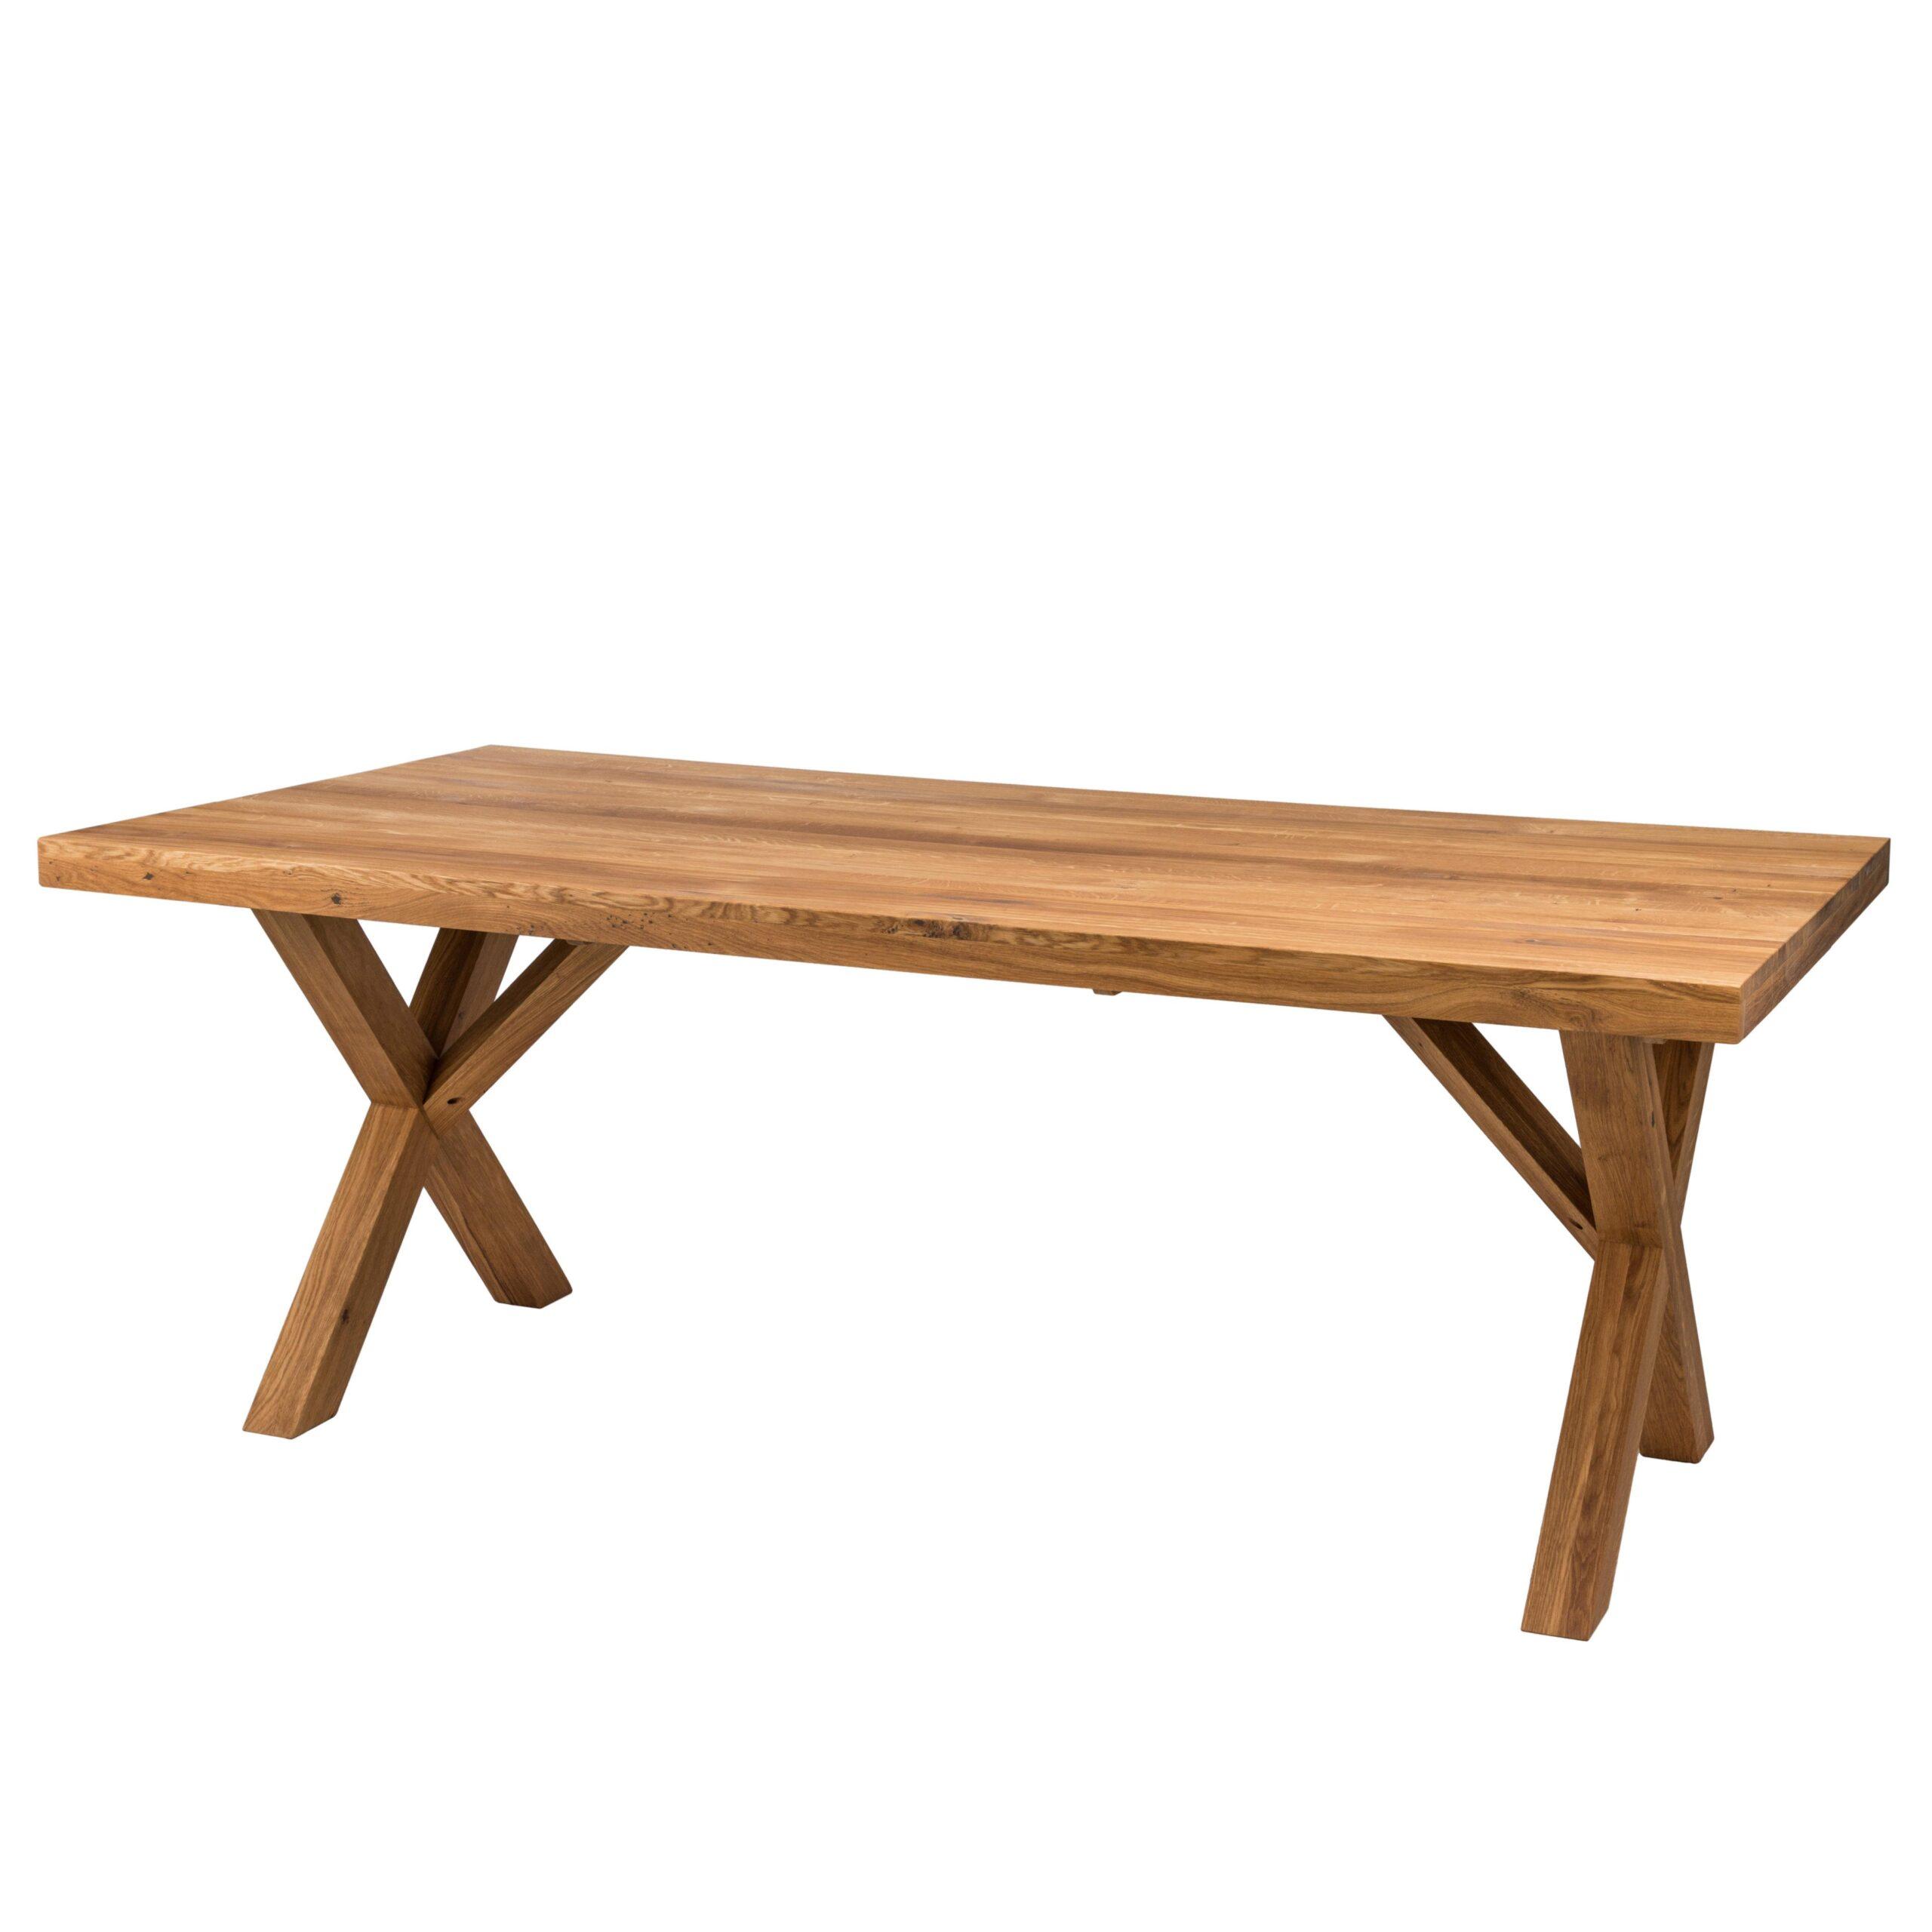 Dubový jedálenský stôl Korund X